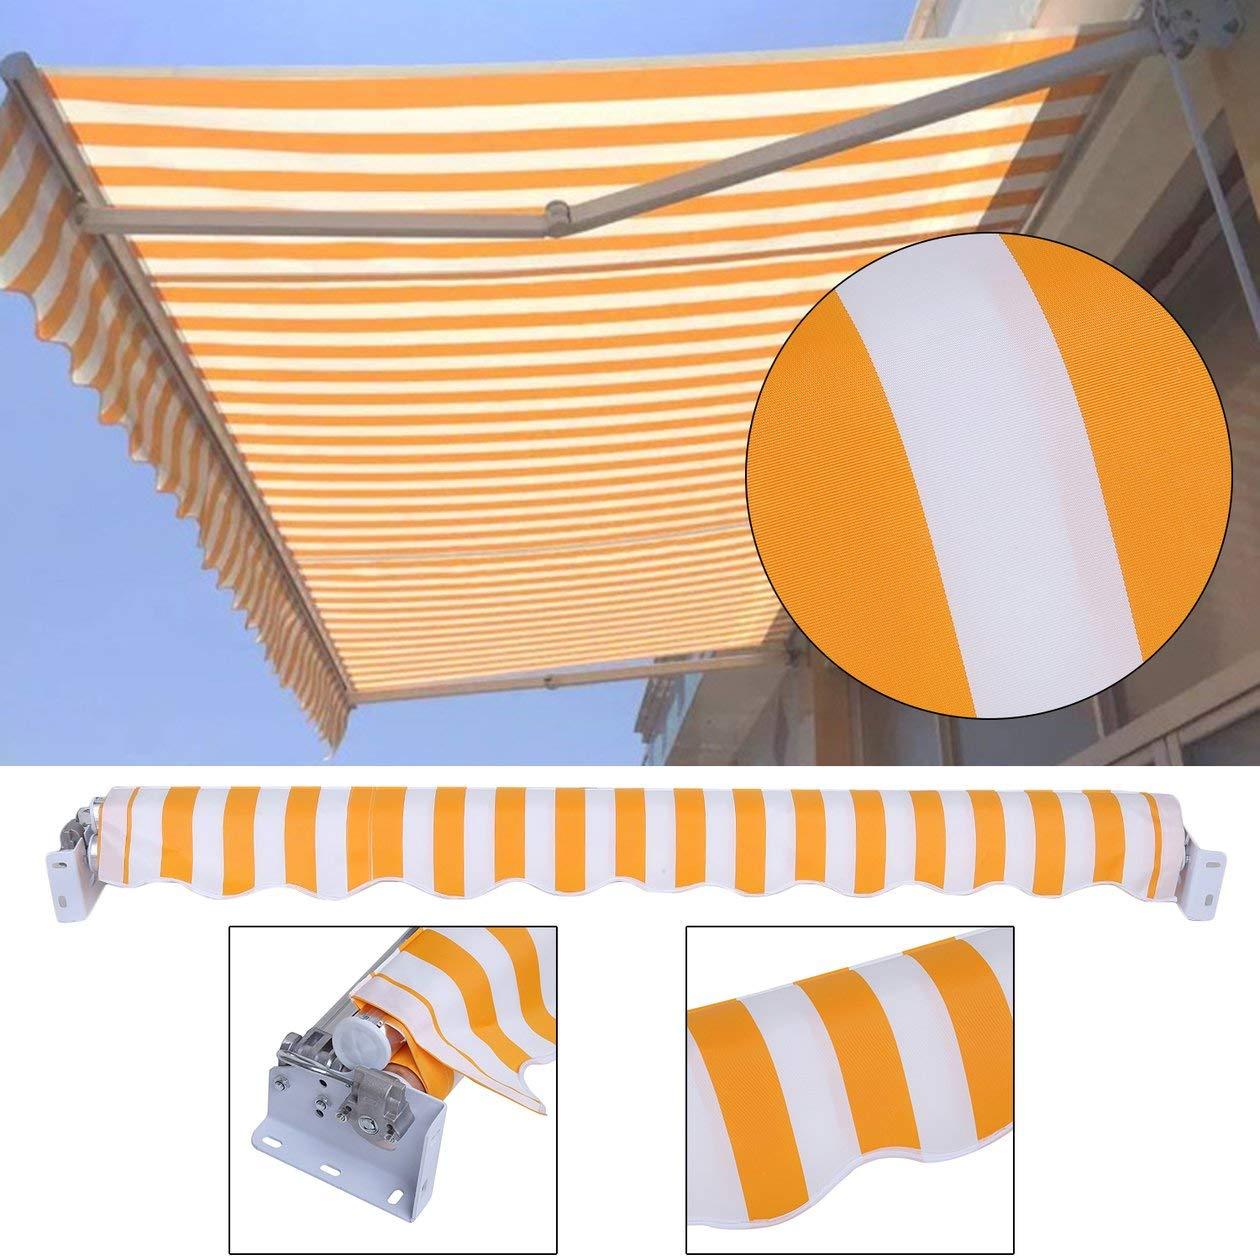 Auvent escamotable de soleil dauvent de patio dauvent de 2x1.5M Sun avec les rayures orange//rouges de bras articul/é dalliage daluminium